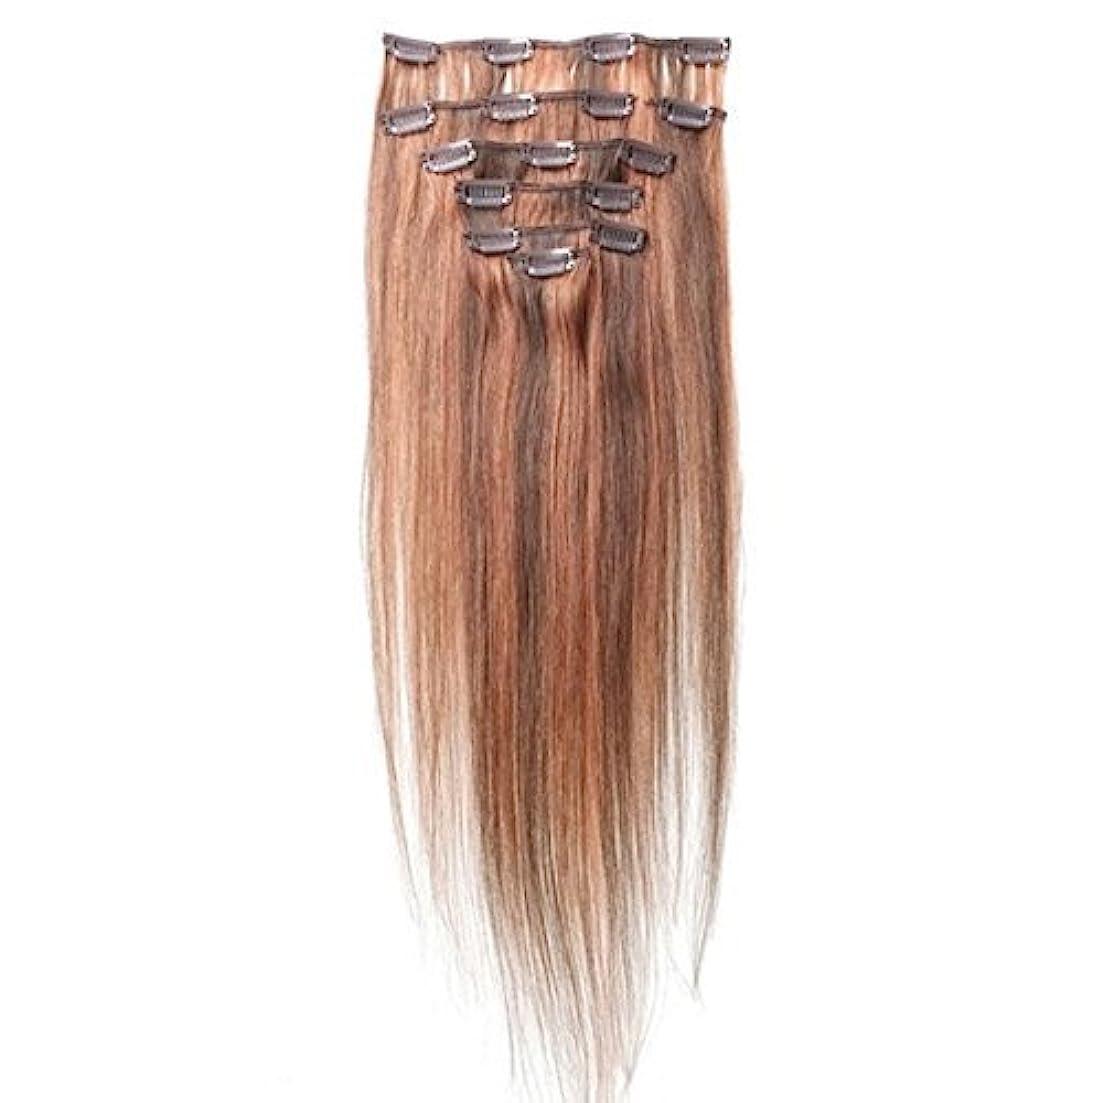 酸素果てしない引き出すヘアエクステンション,SODIAL(R) 女性の人間の髪 クリップインヘアエクステンション 7件 70g 20インチ キャメルブラウン+レッド